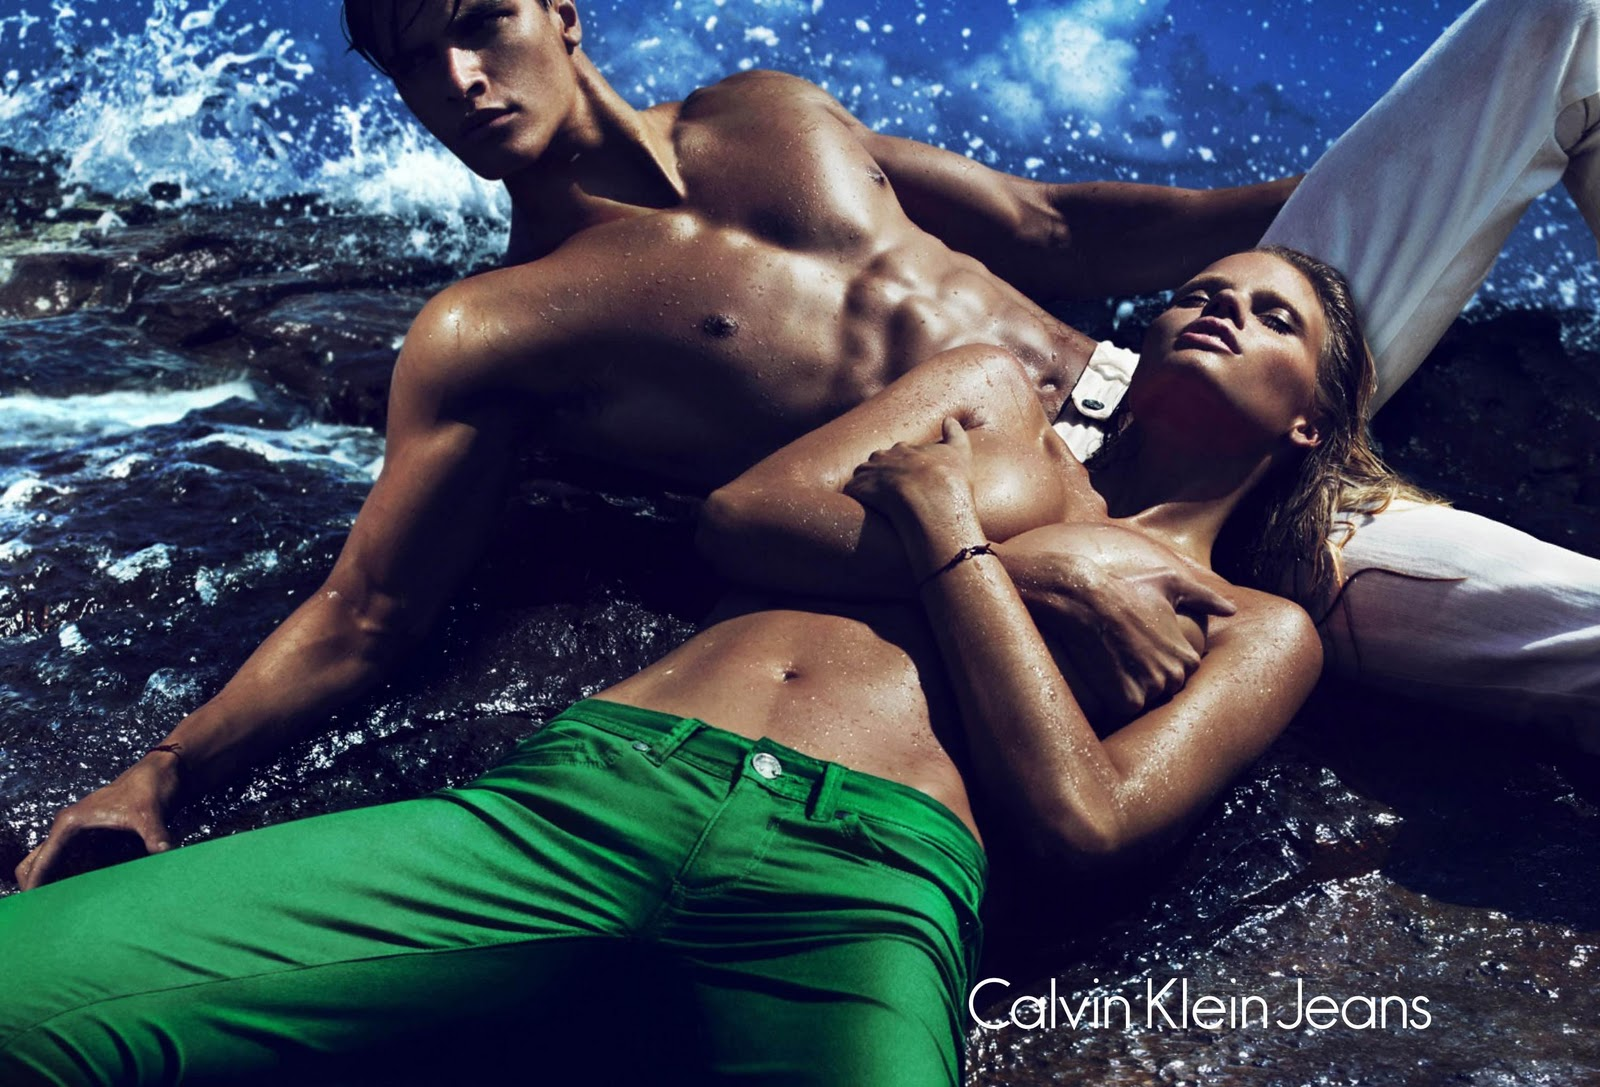 Фото провокационные моделей мужчин с женщинами 11 фотография